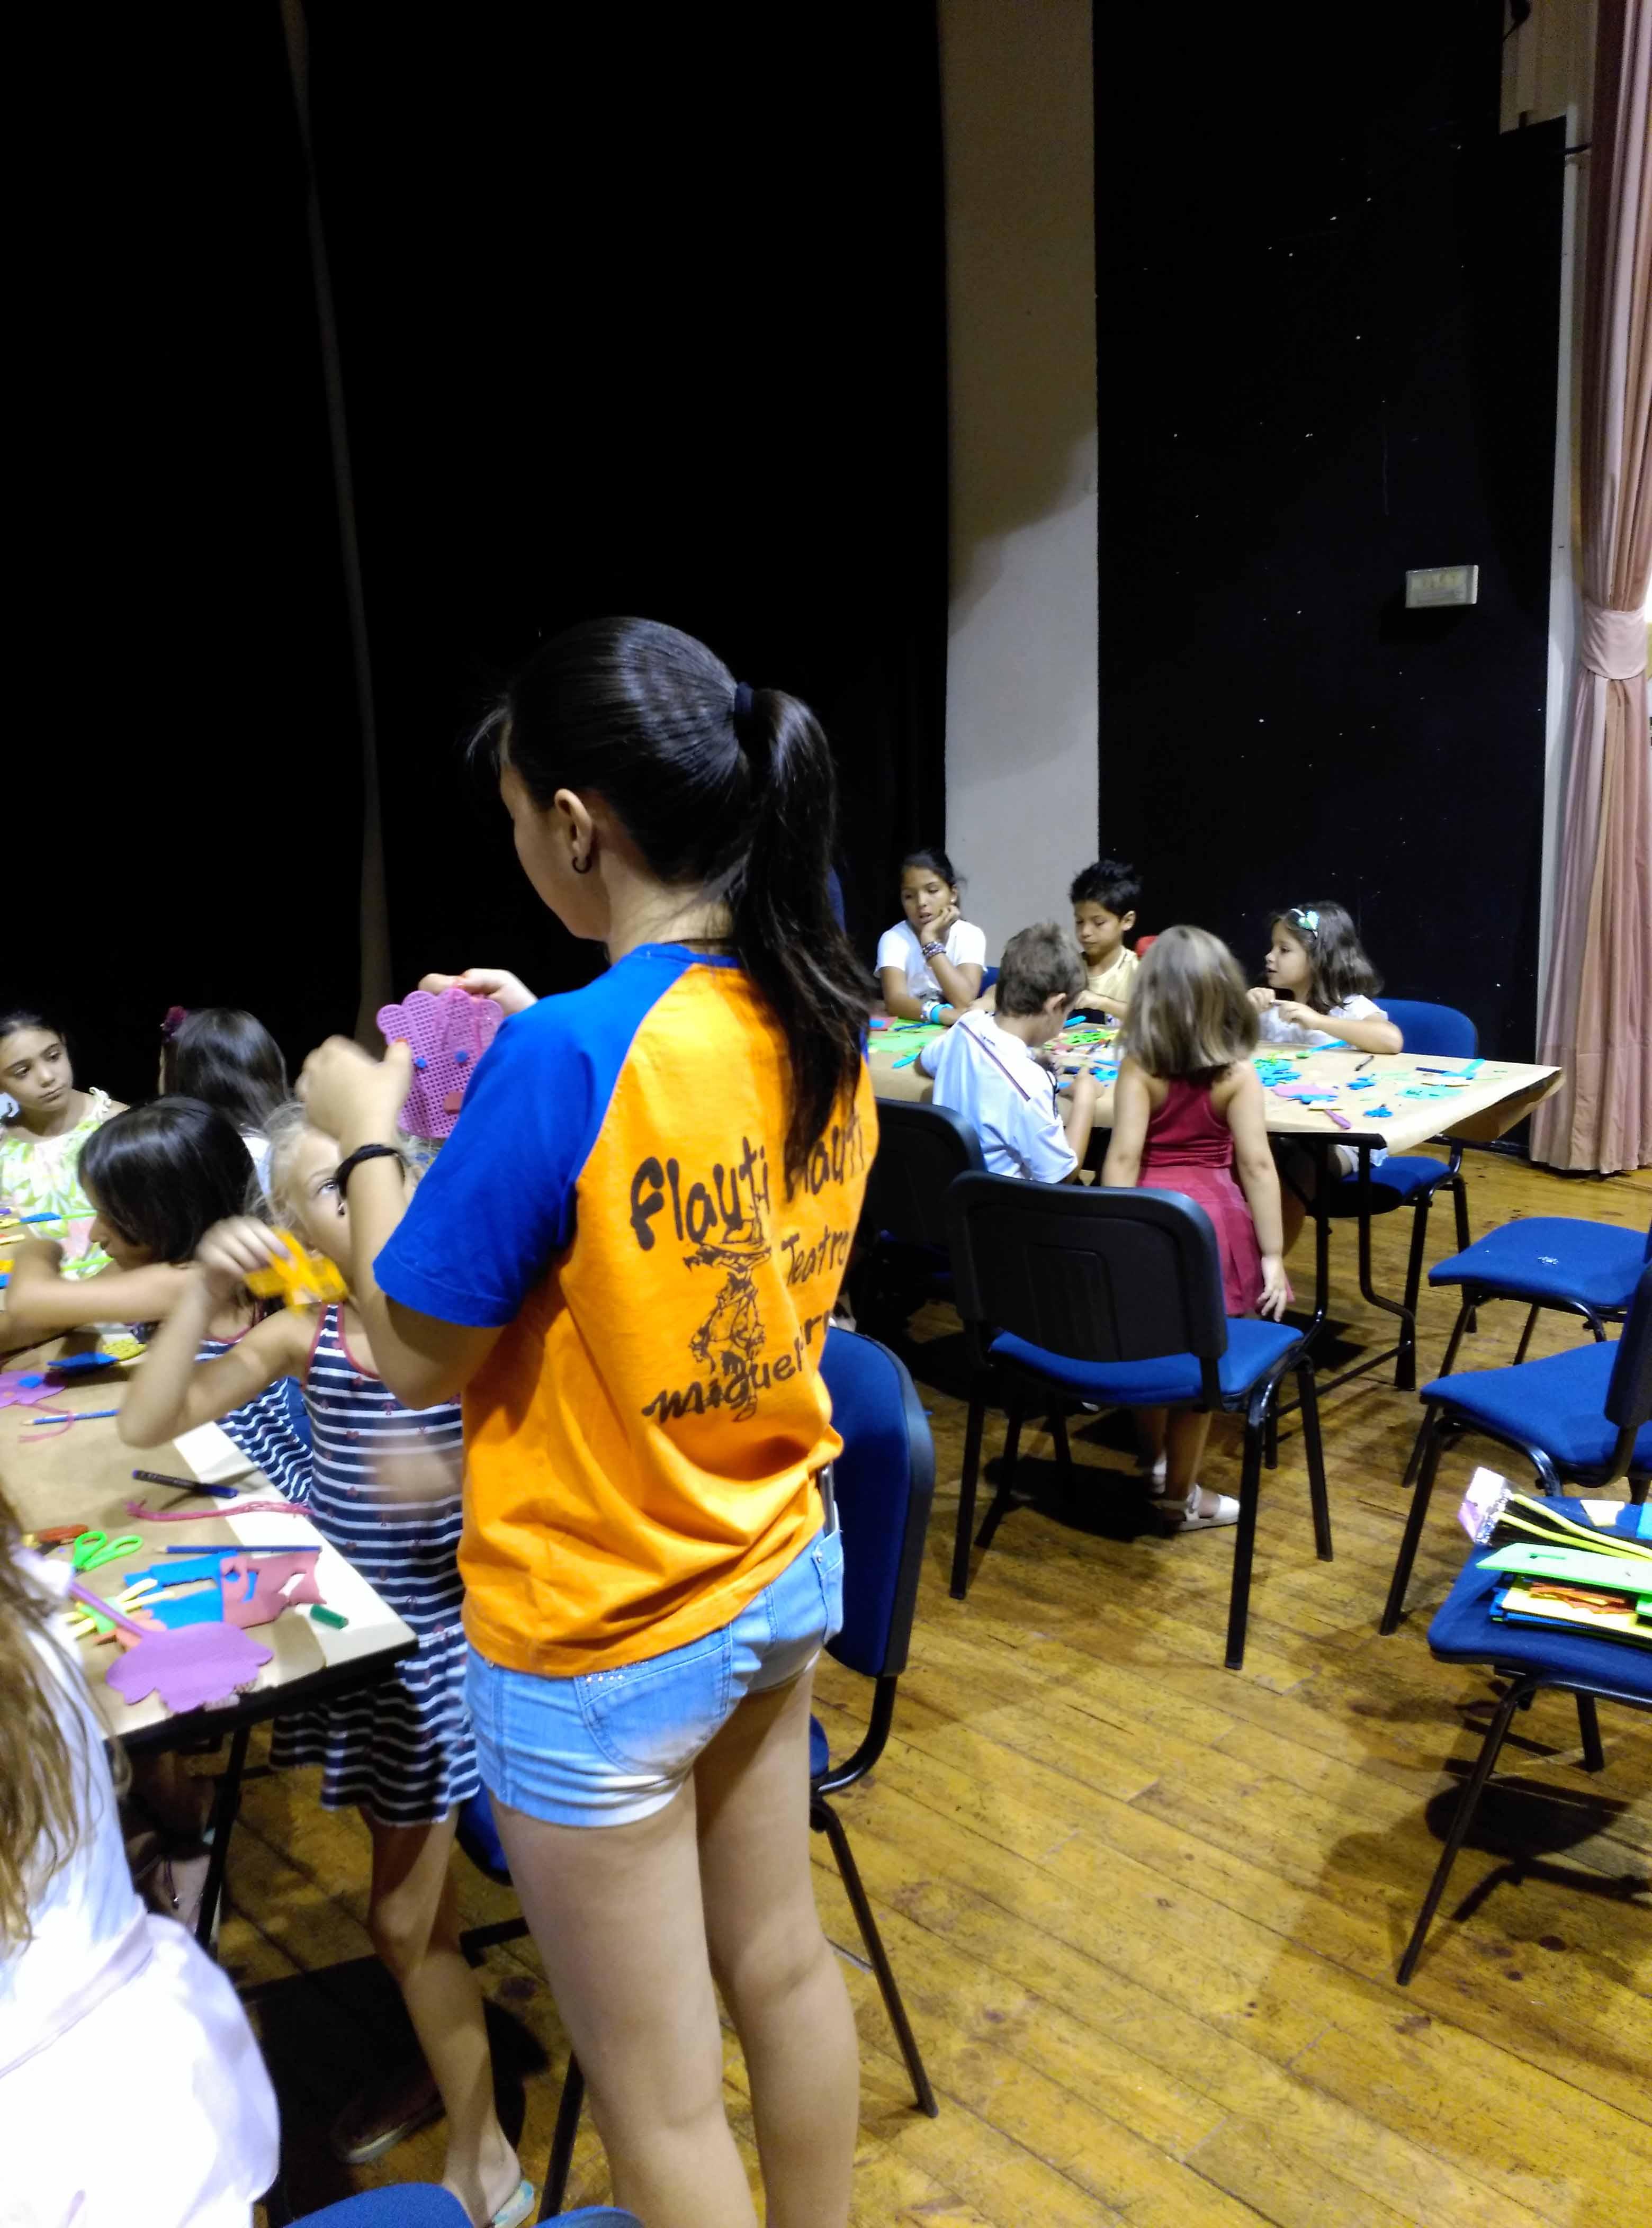 La Biblioteca de Miguelturra continua con los Talleres de los Viernes en Verano